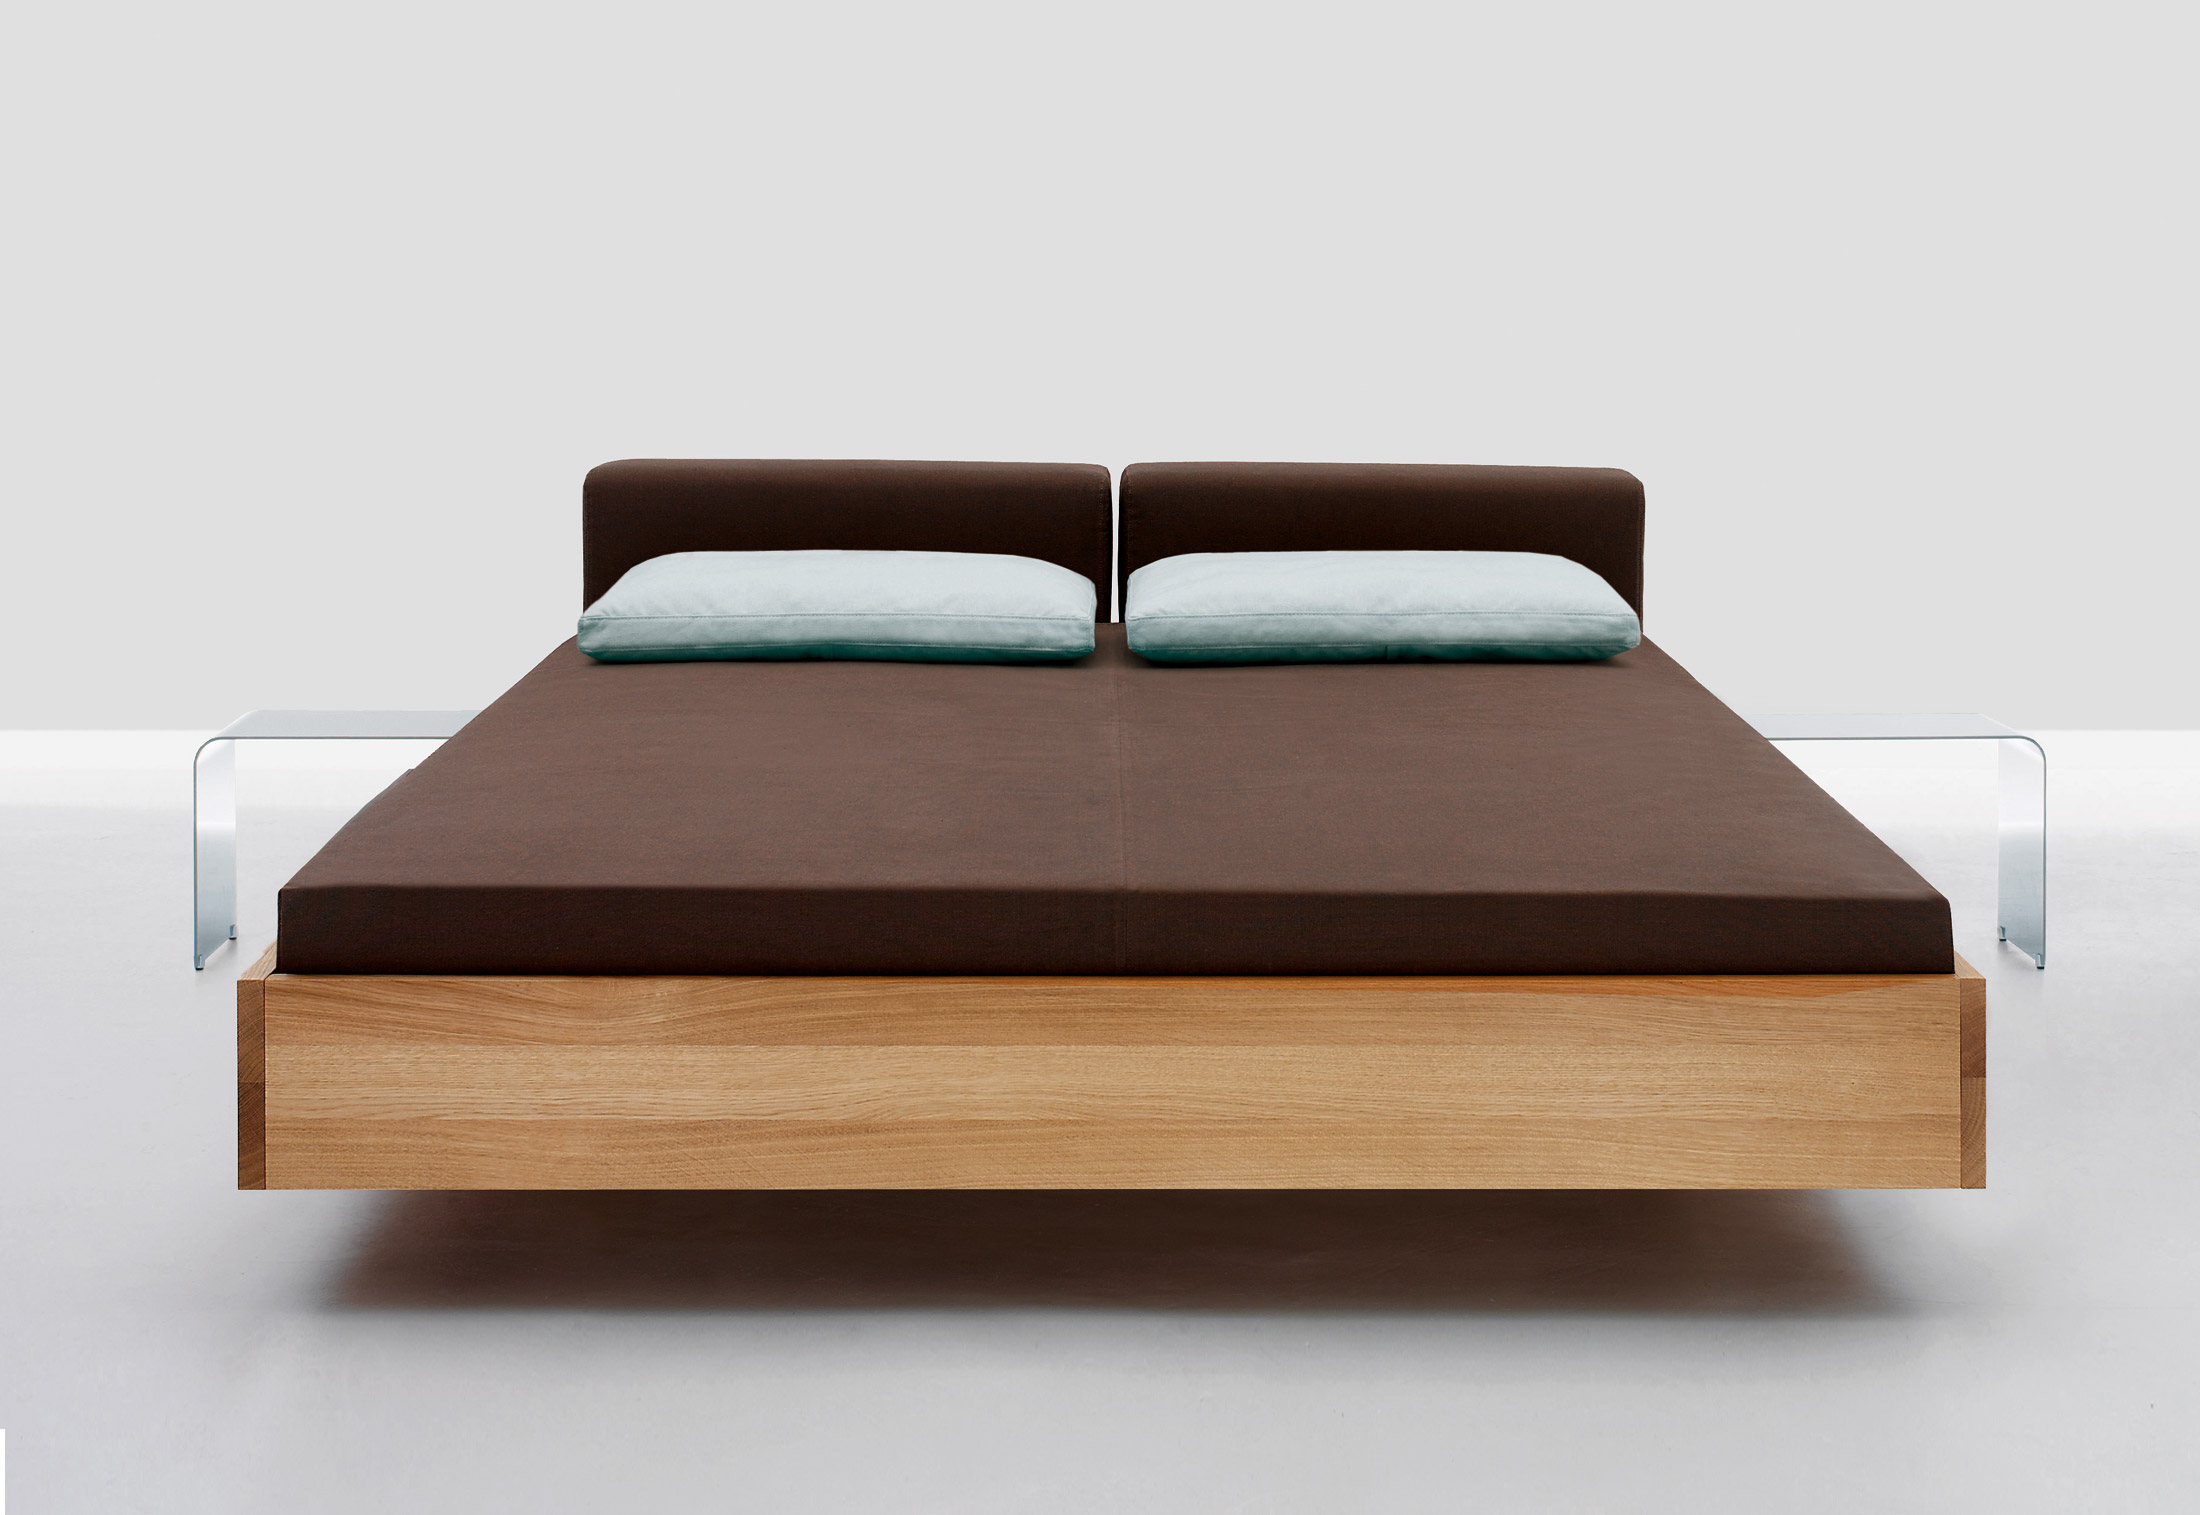 Doze Bed by Zeitraum